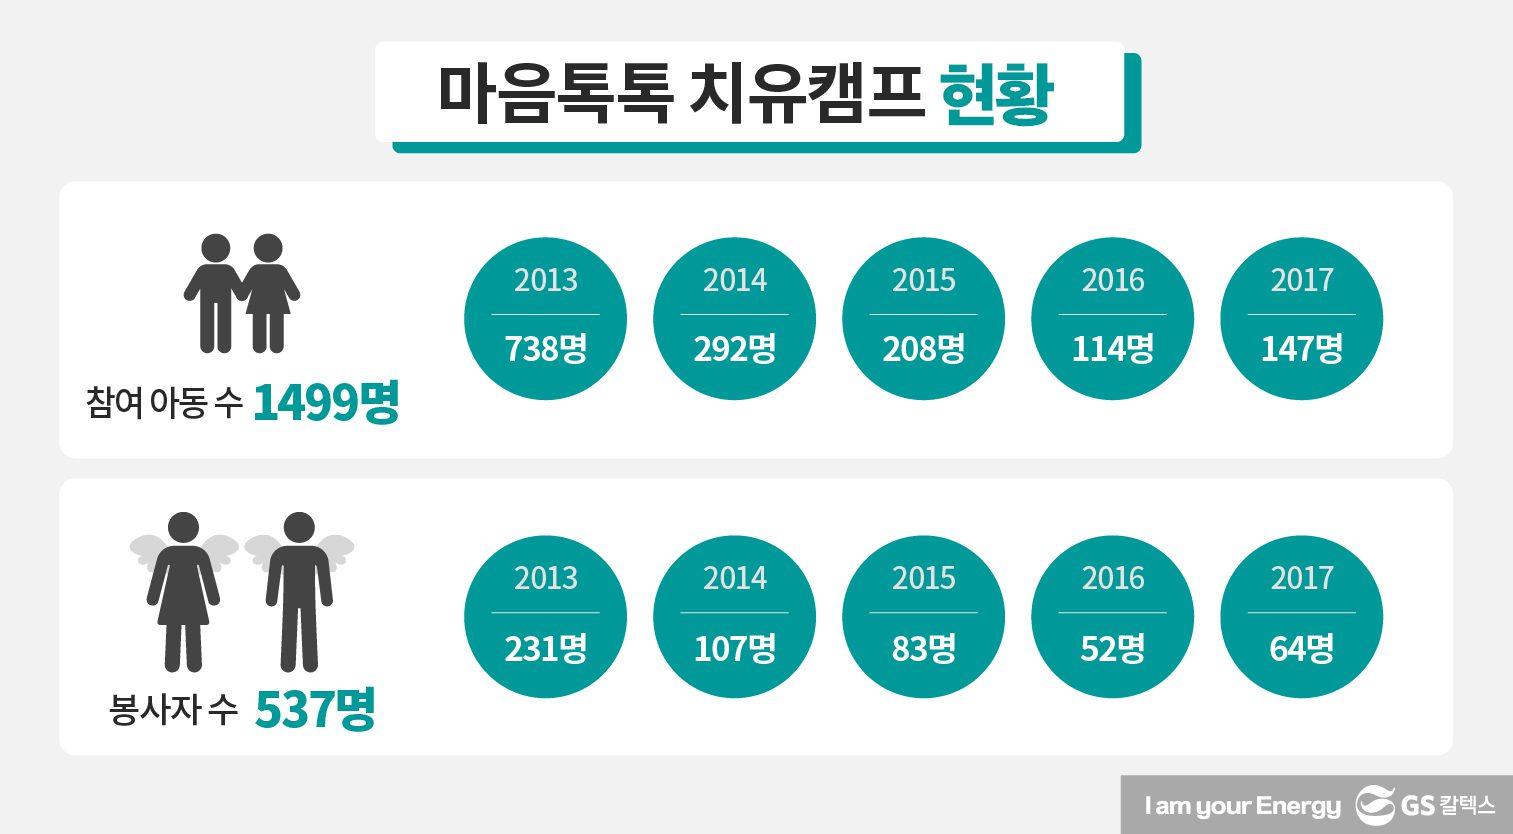 2013년~2017년 동안의 마음톡톡 치유캠프 현황이다. 총 참여아동 수는 1499명, 봉사자 수는 537명을 기록했다.